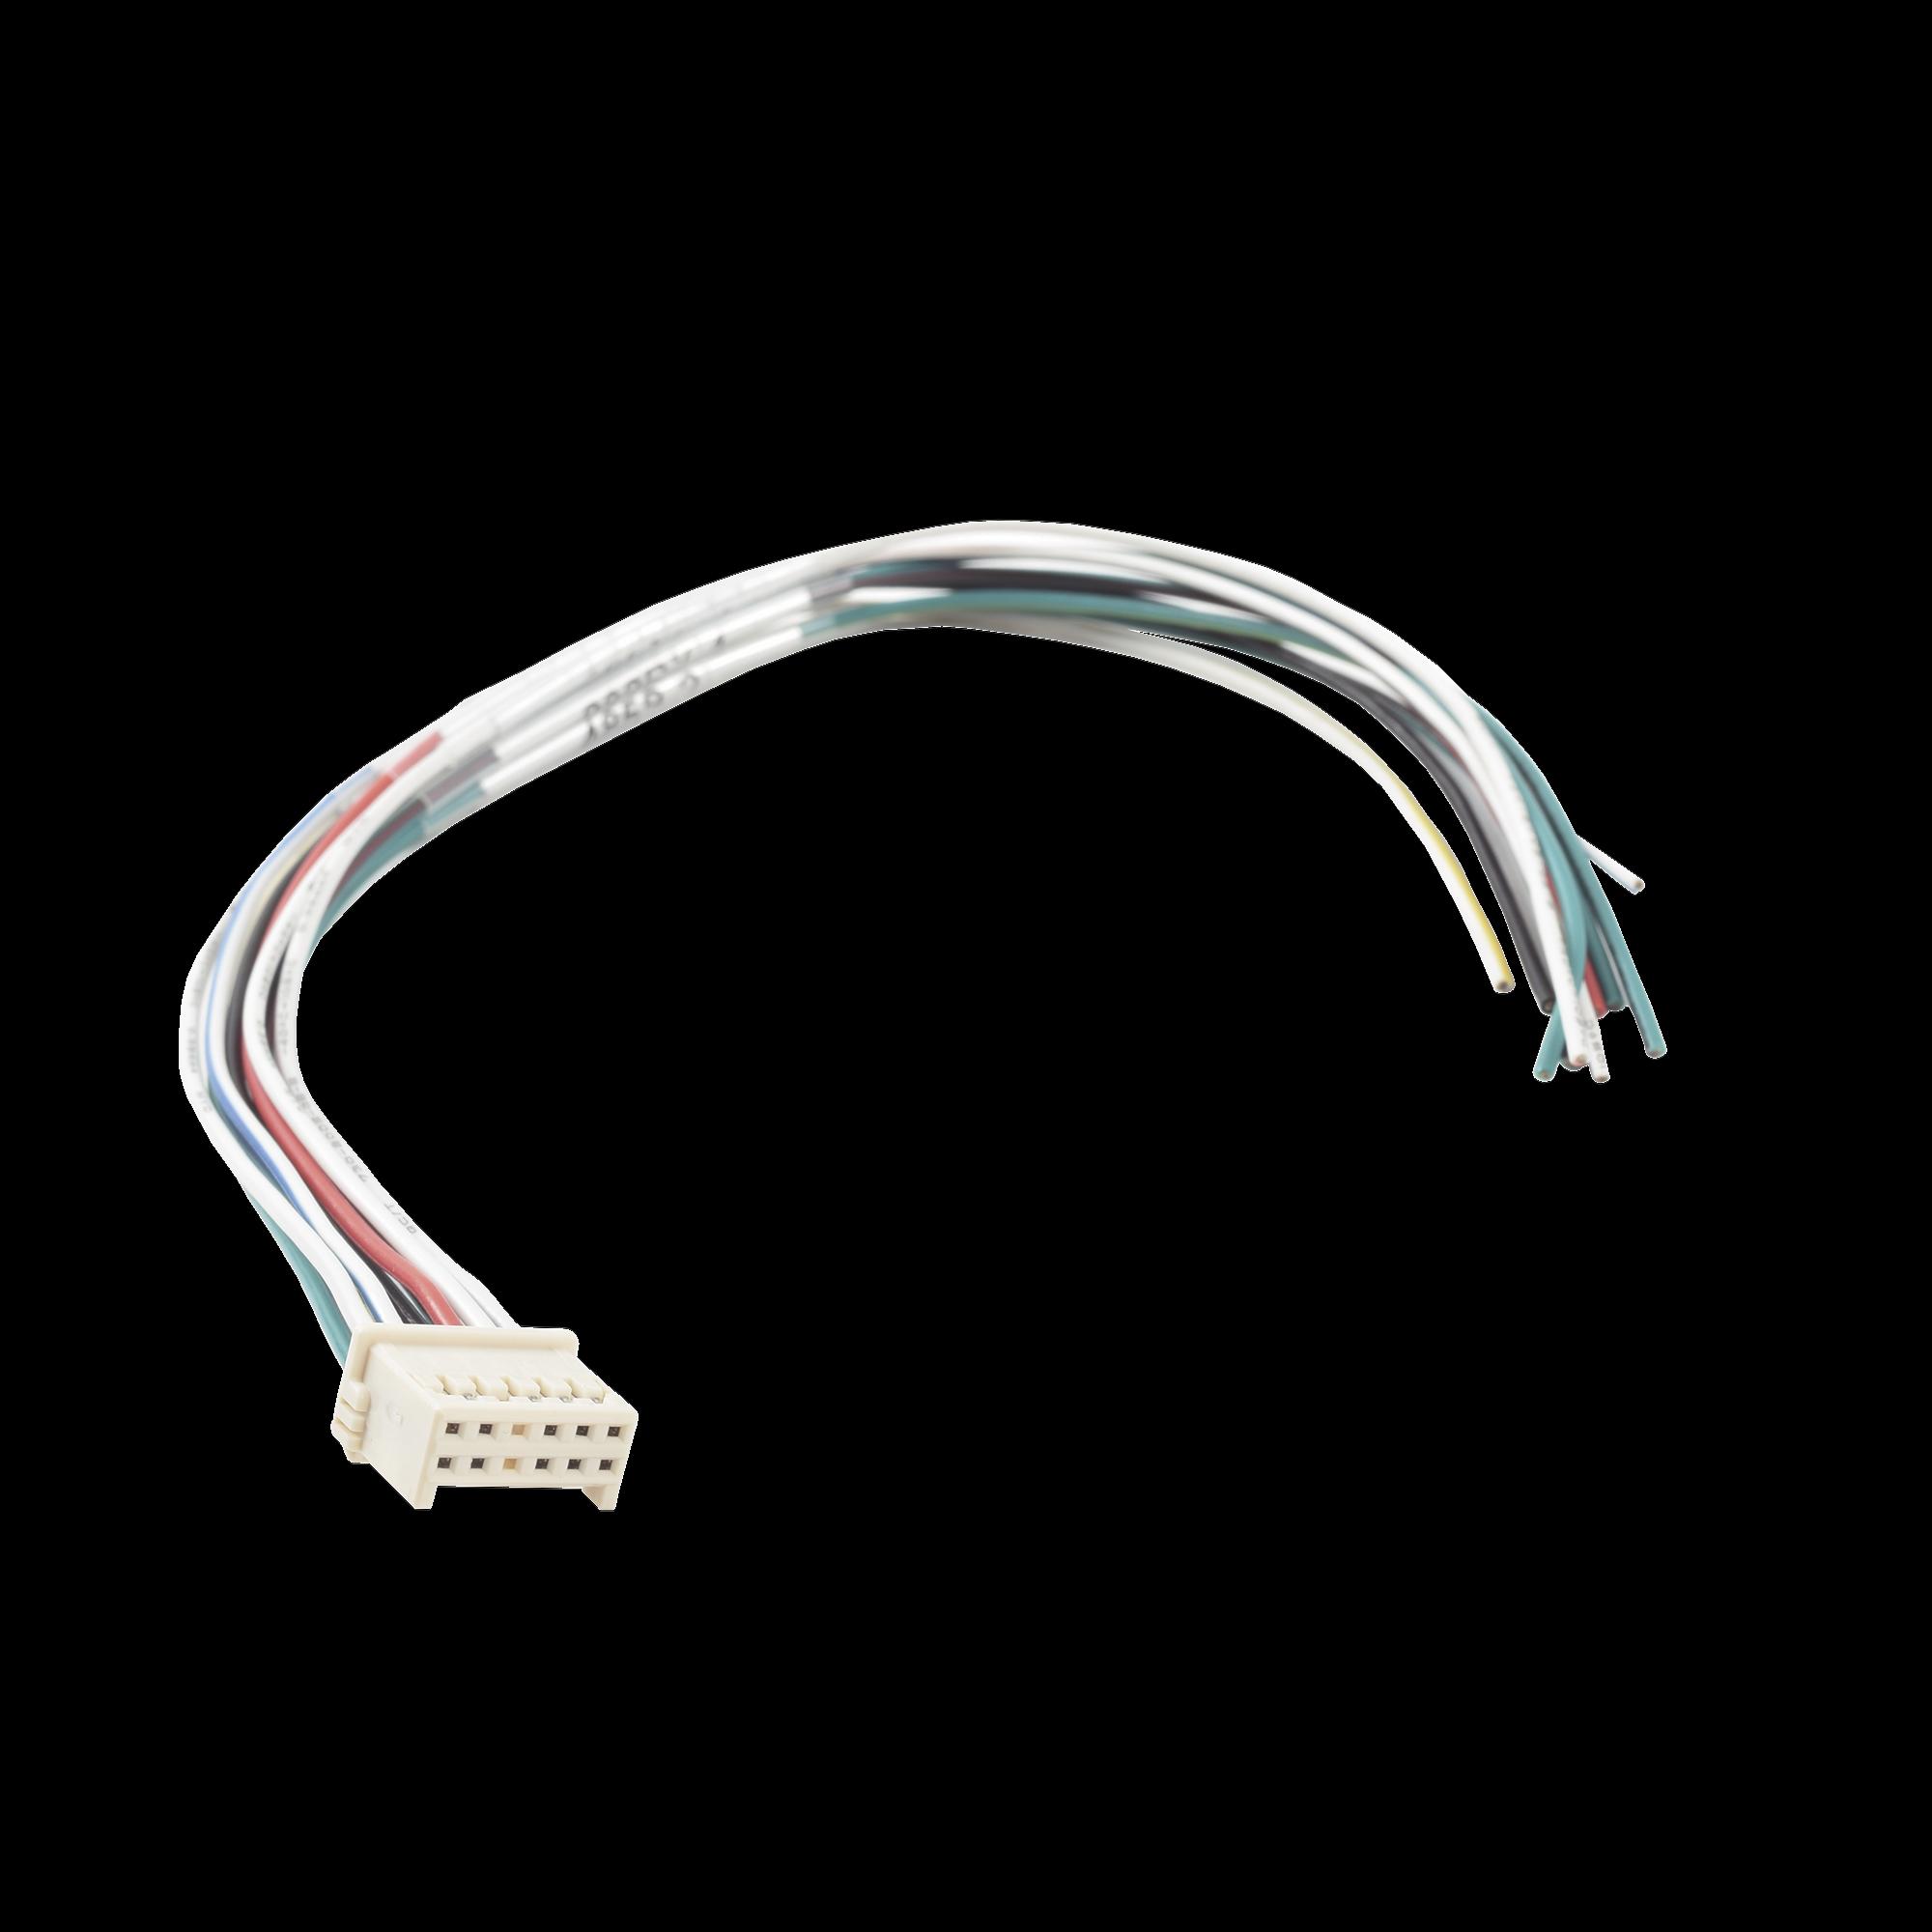 Arnes de datos RS485 compatible con el MDVR XMR404HD, XMR404AHD